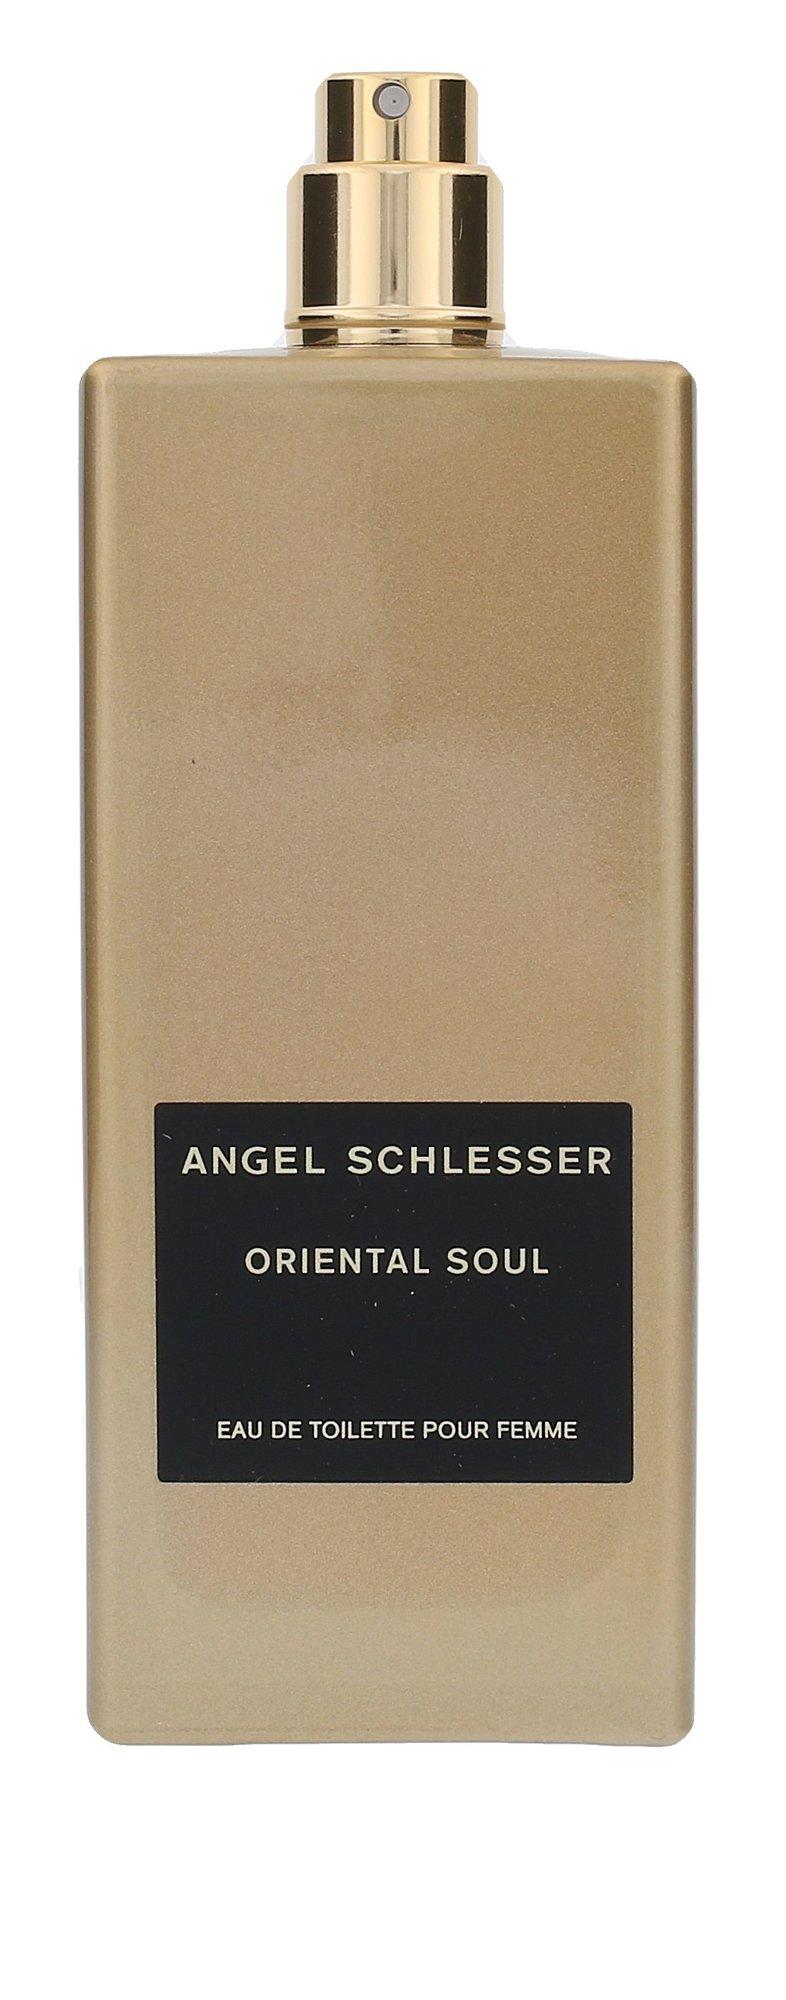 Angel Schlesser Oriental Soul EDT 100ml